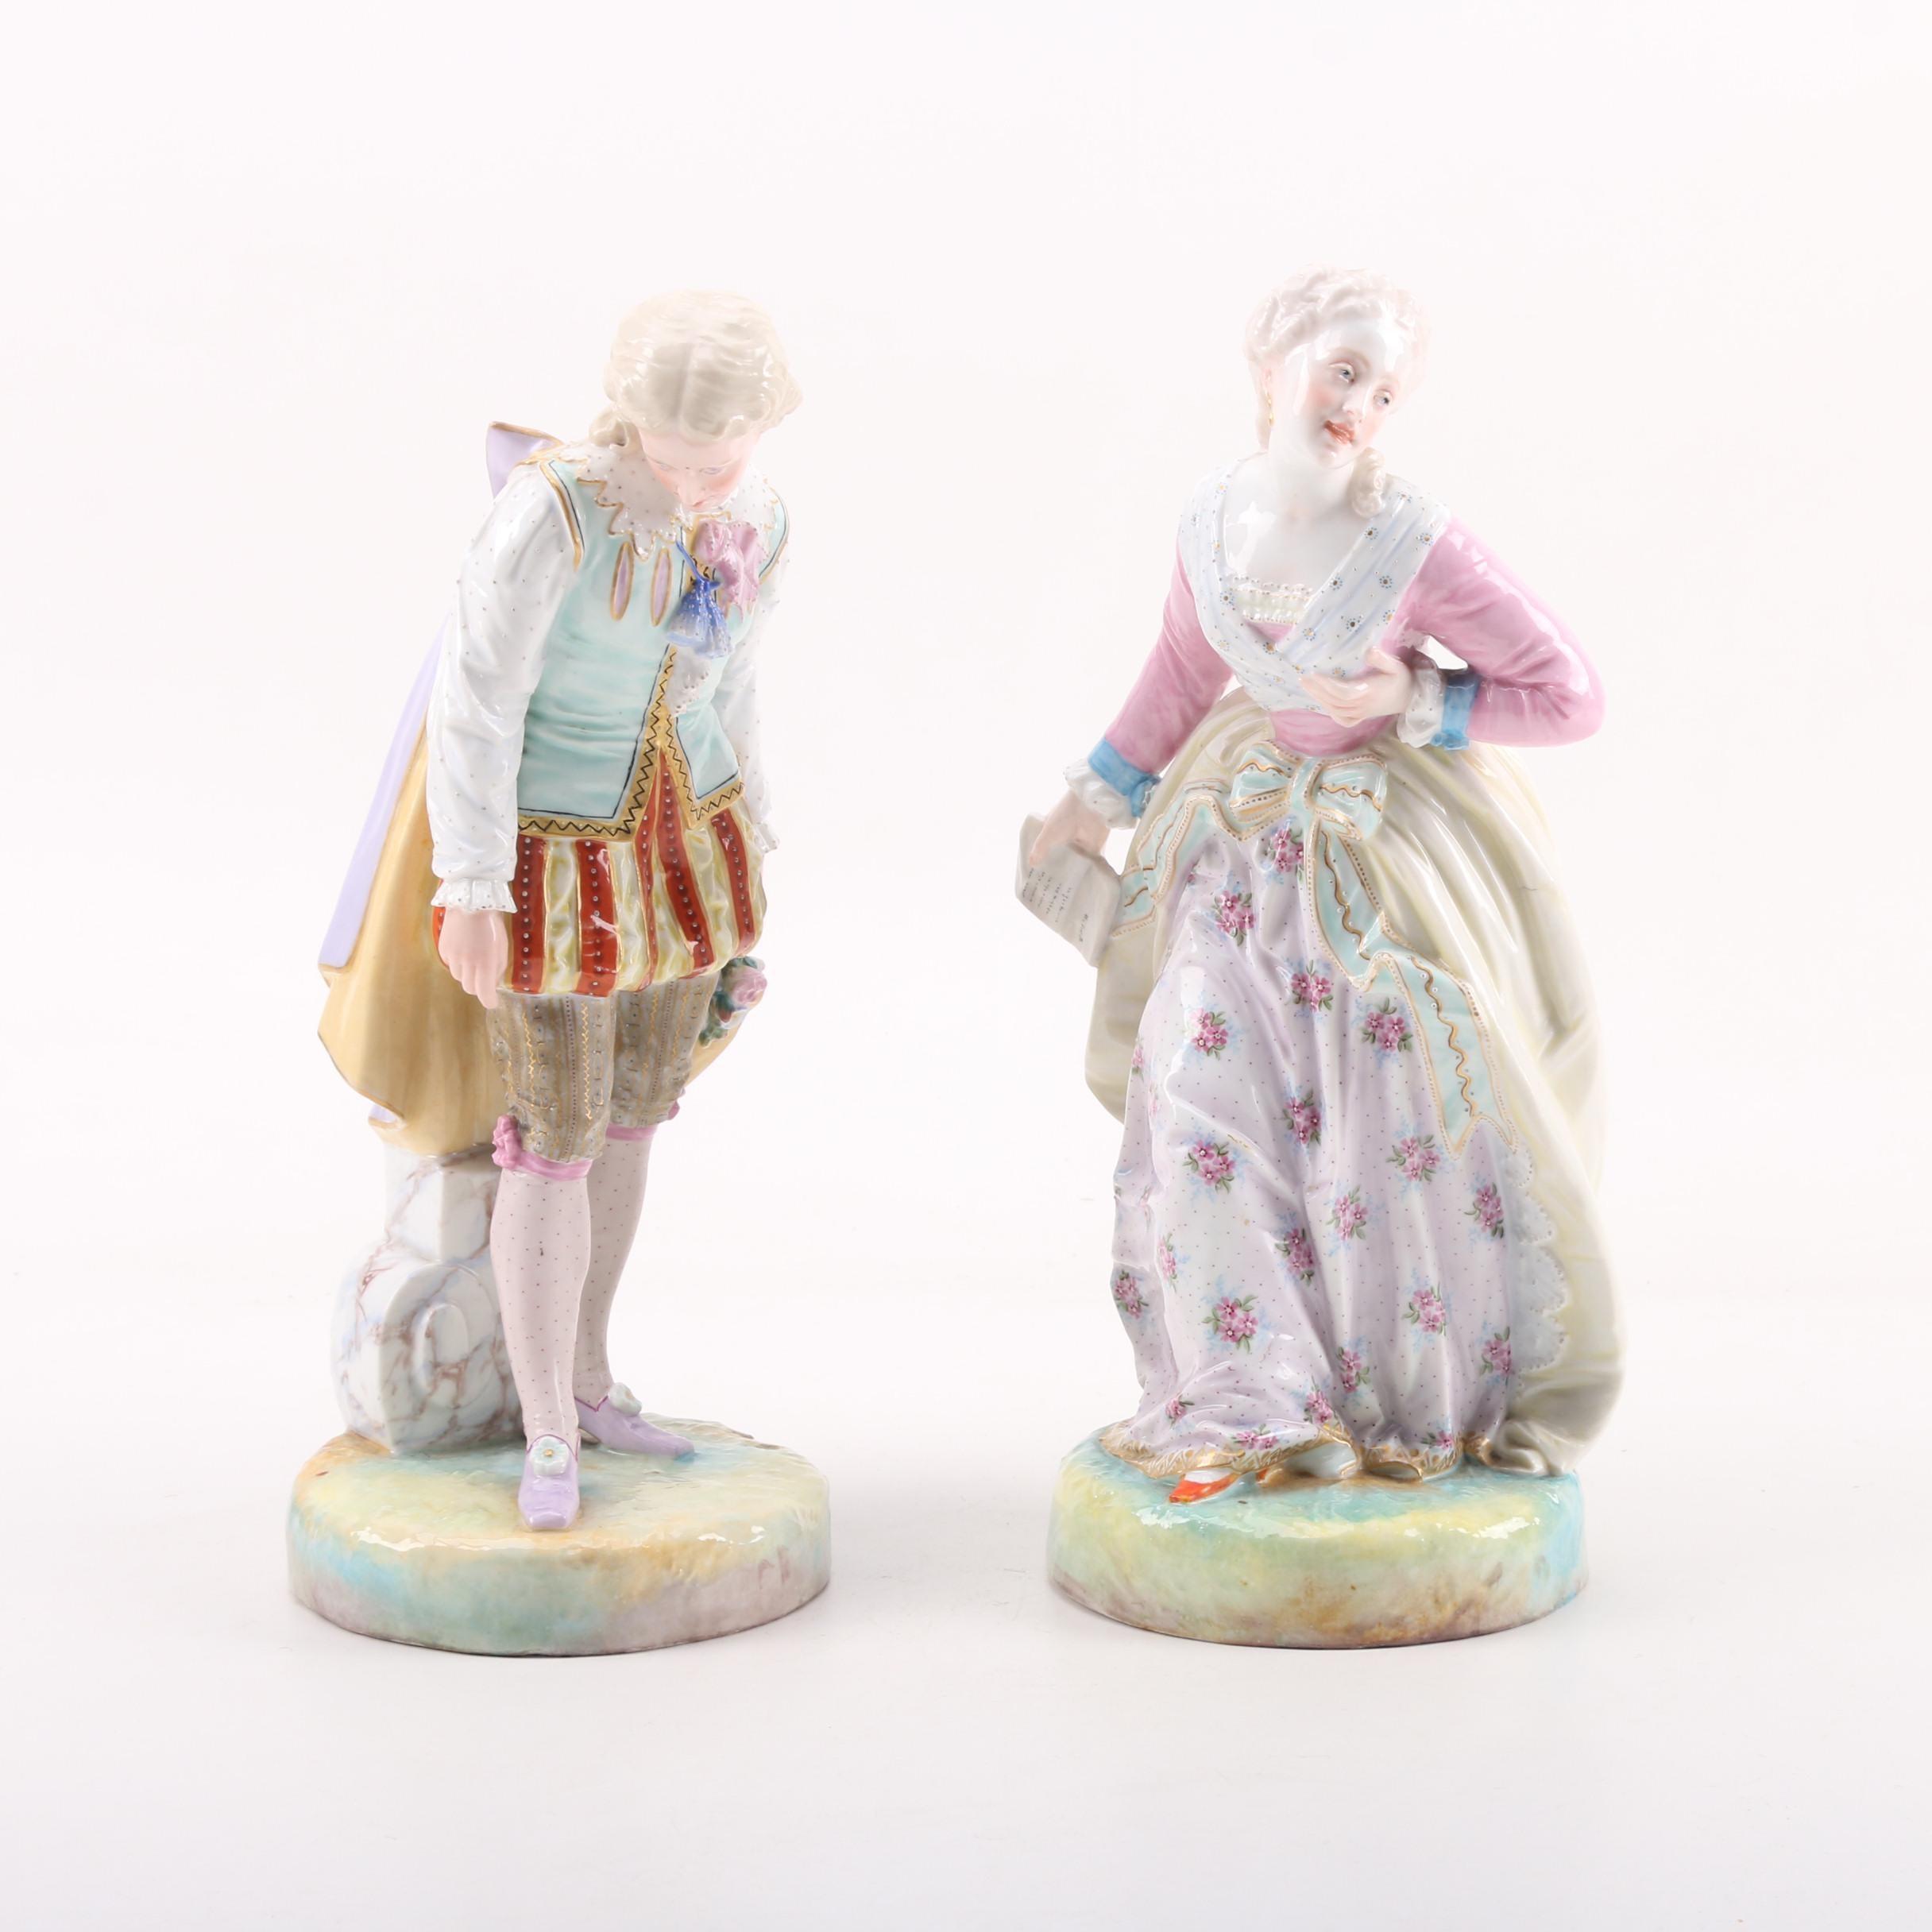 German Porcelain Figural Set